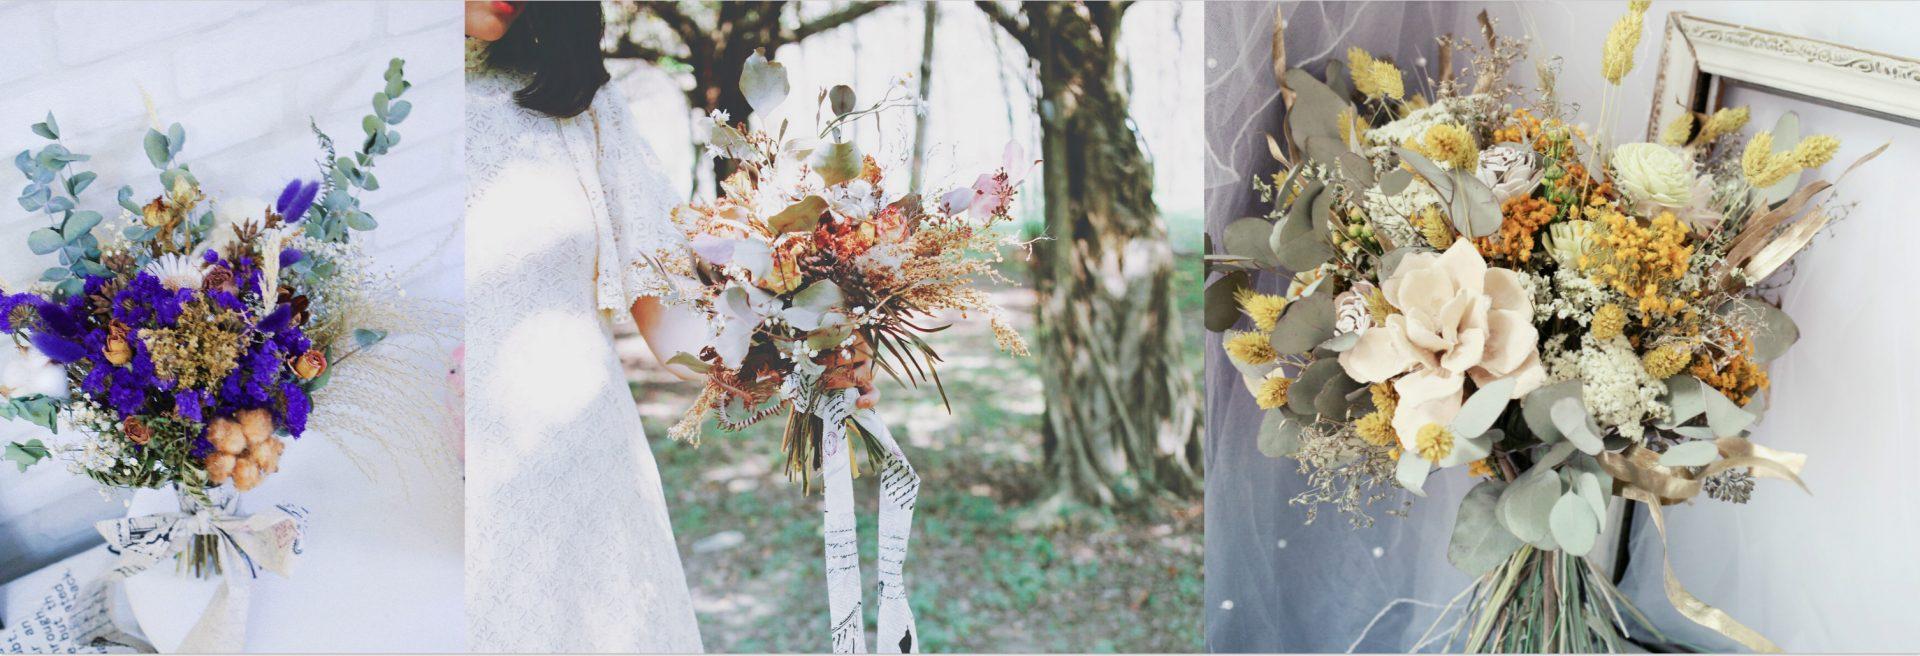 最受歐美派新娘喜愛的「自然風美式手綁捧花」!